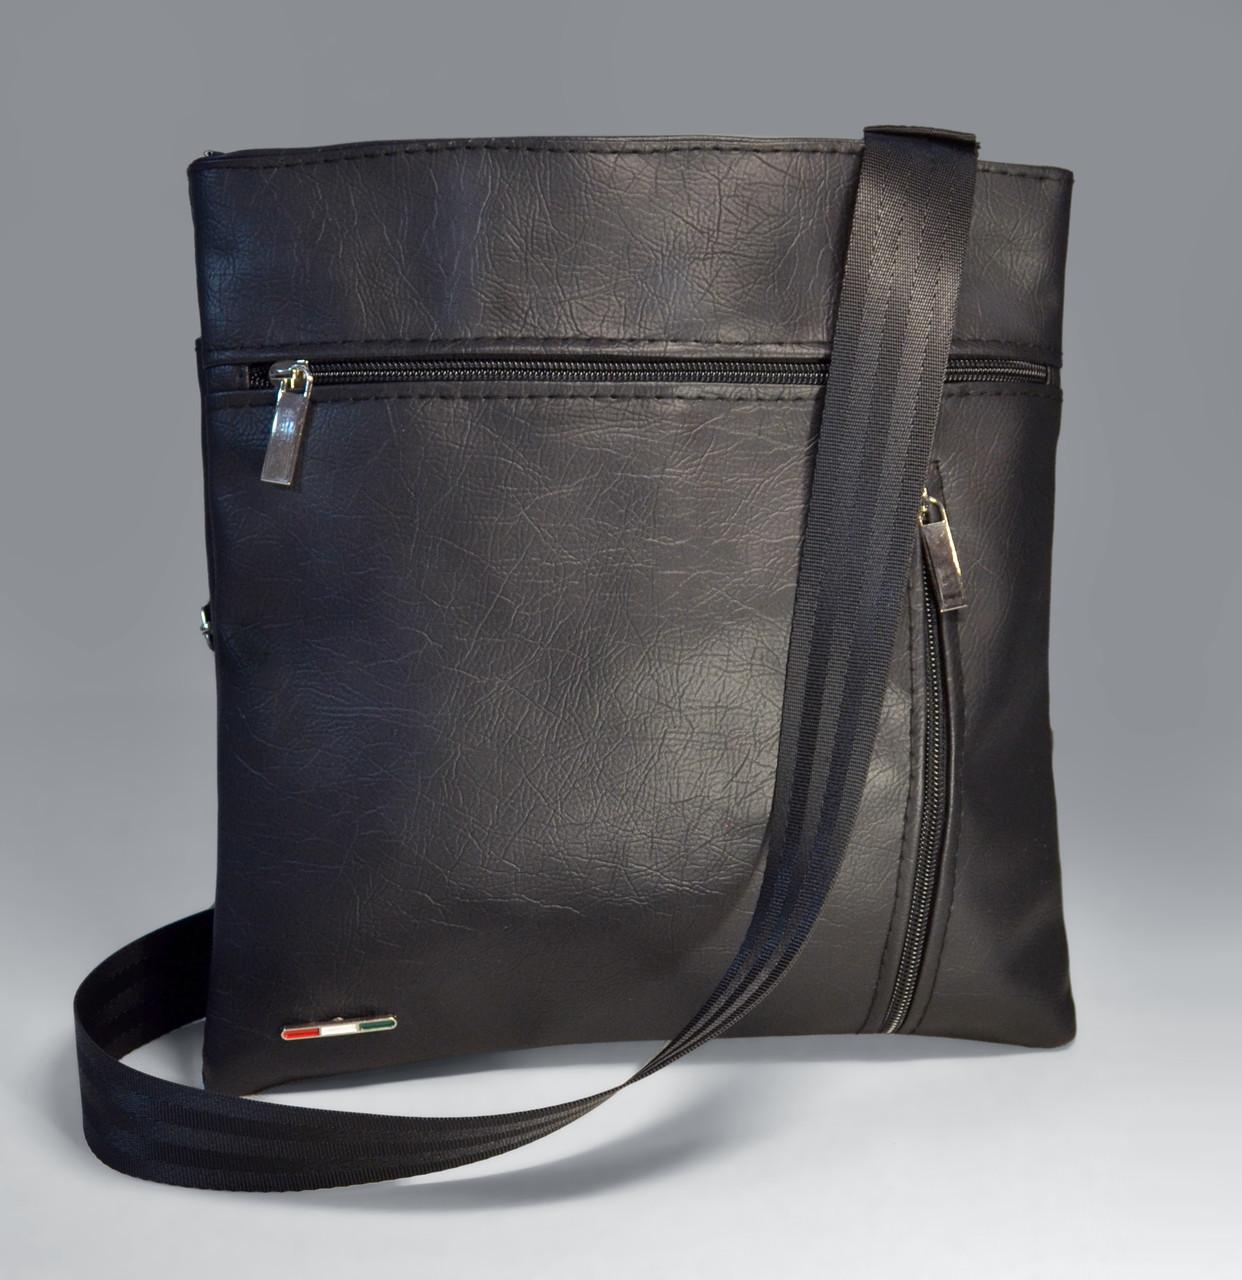 536ad1353fc0 Купить Мужскую сумка-планшет